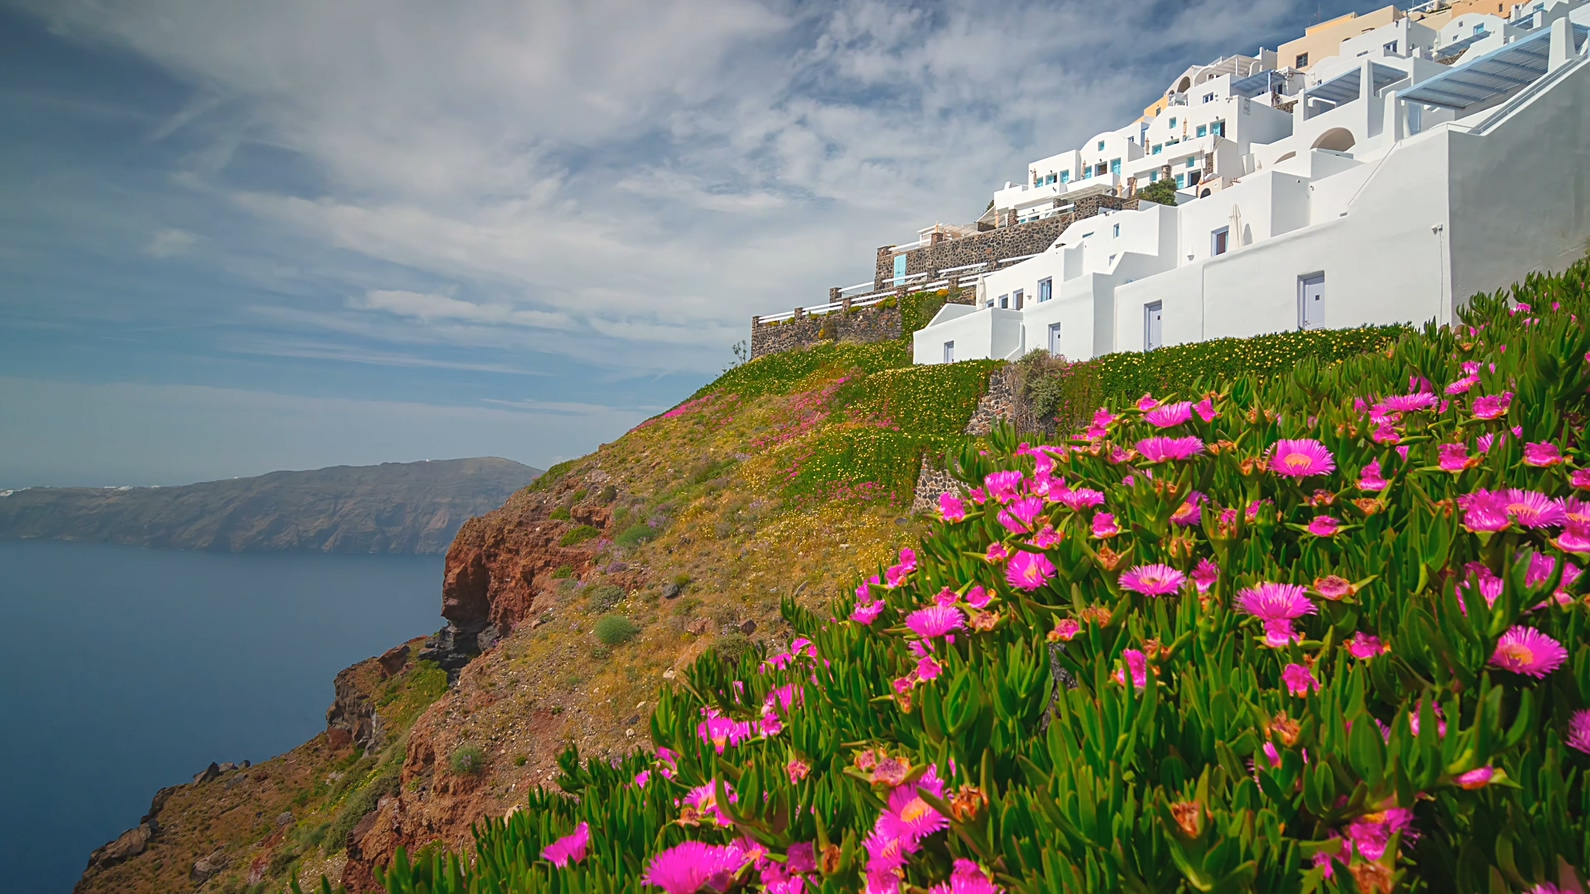 超清4k 希腊 爱情海 圣托里尼岛 美丽爱情海 希腊岛屿 美丽风光 希腊风情 希娜建筑 海岛风光